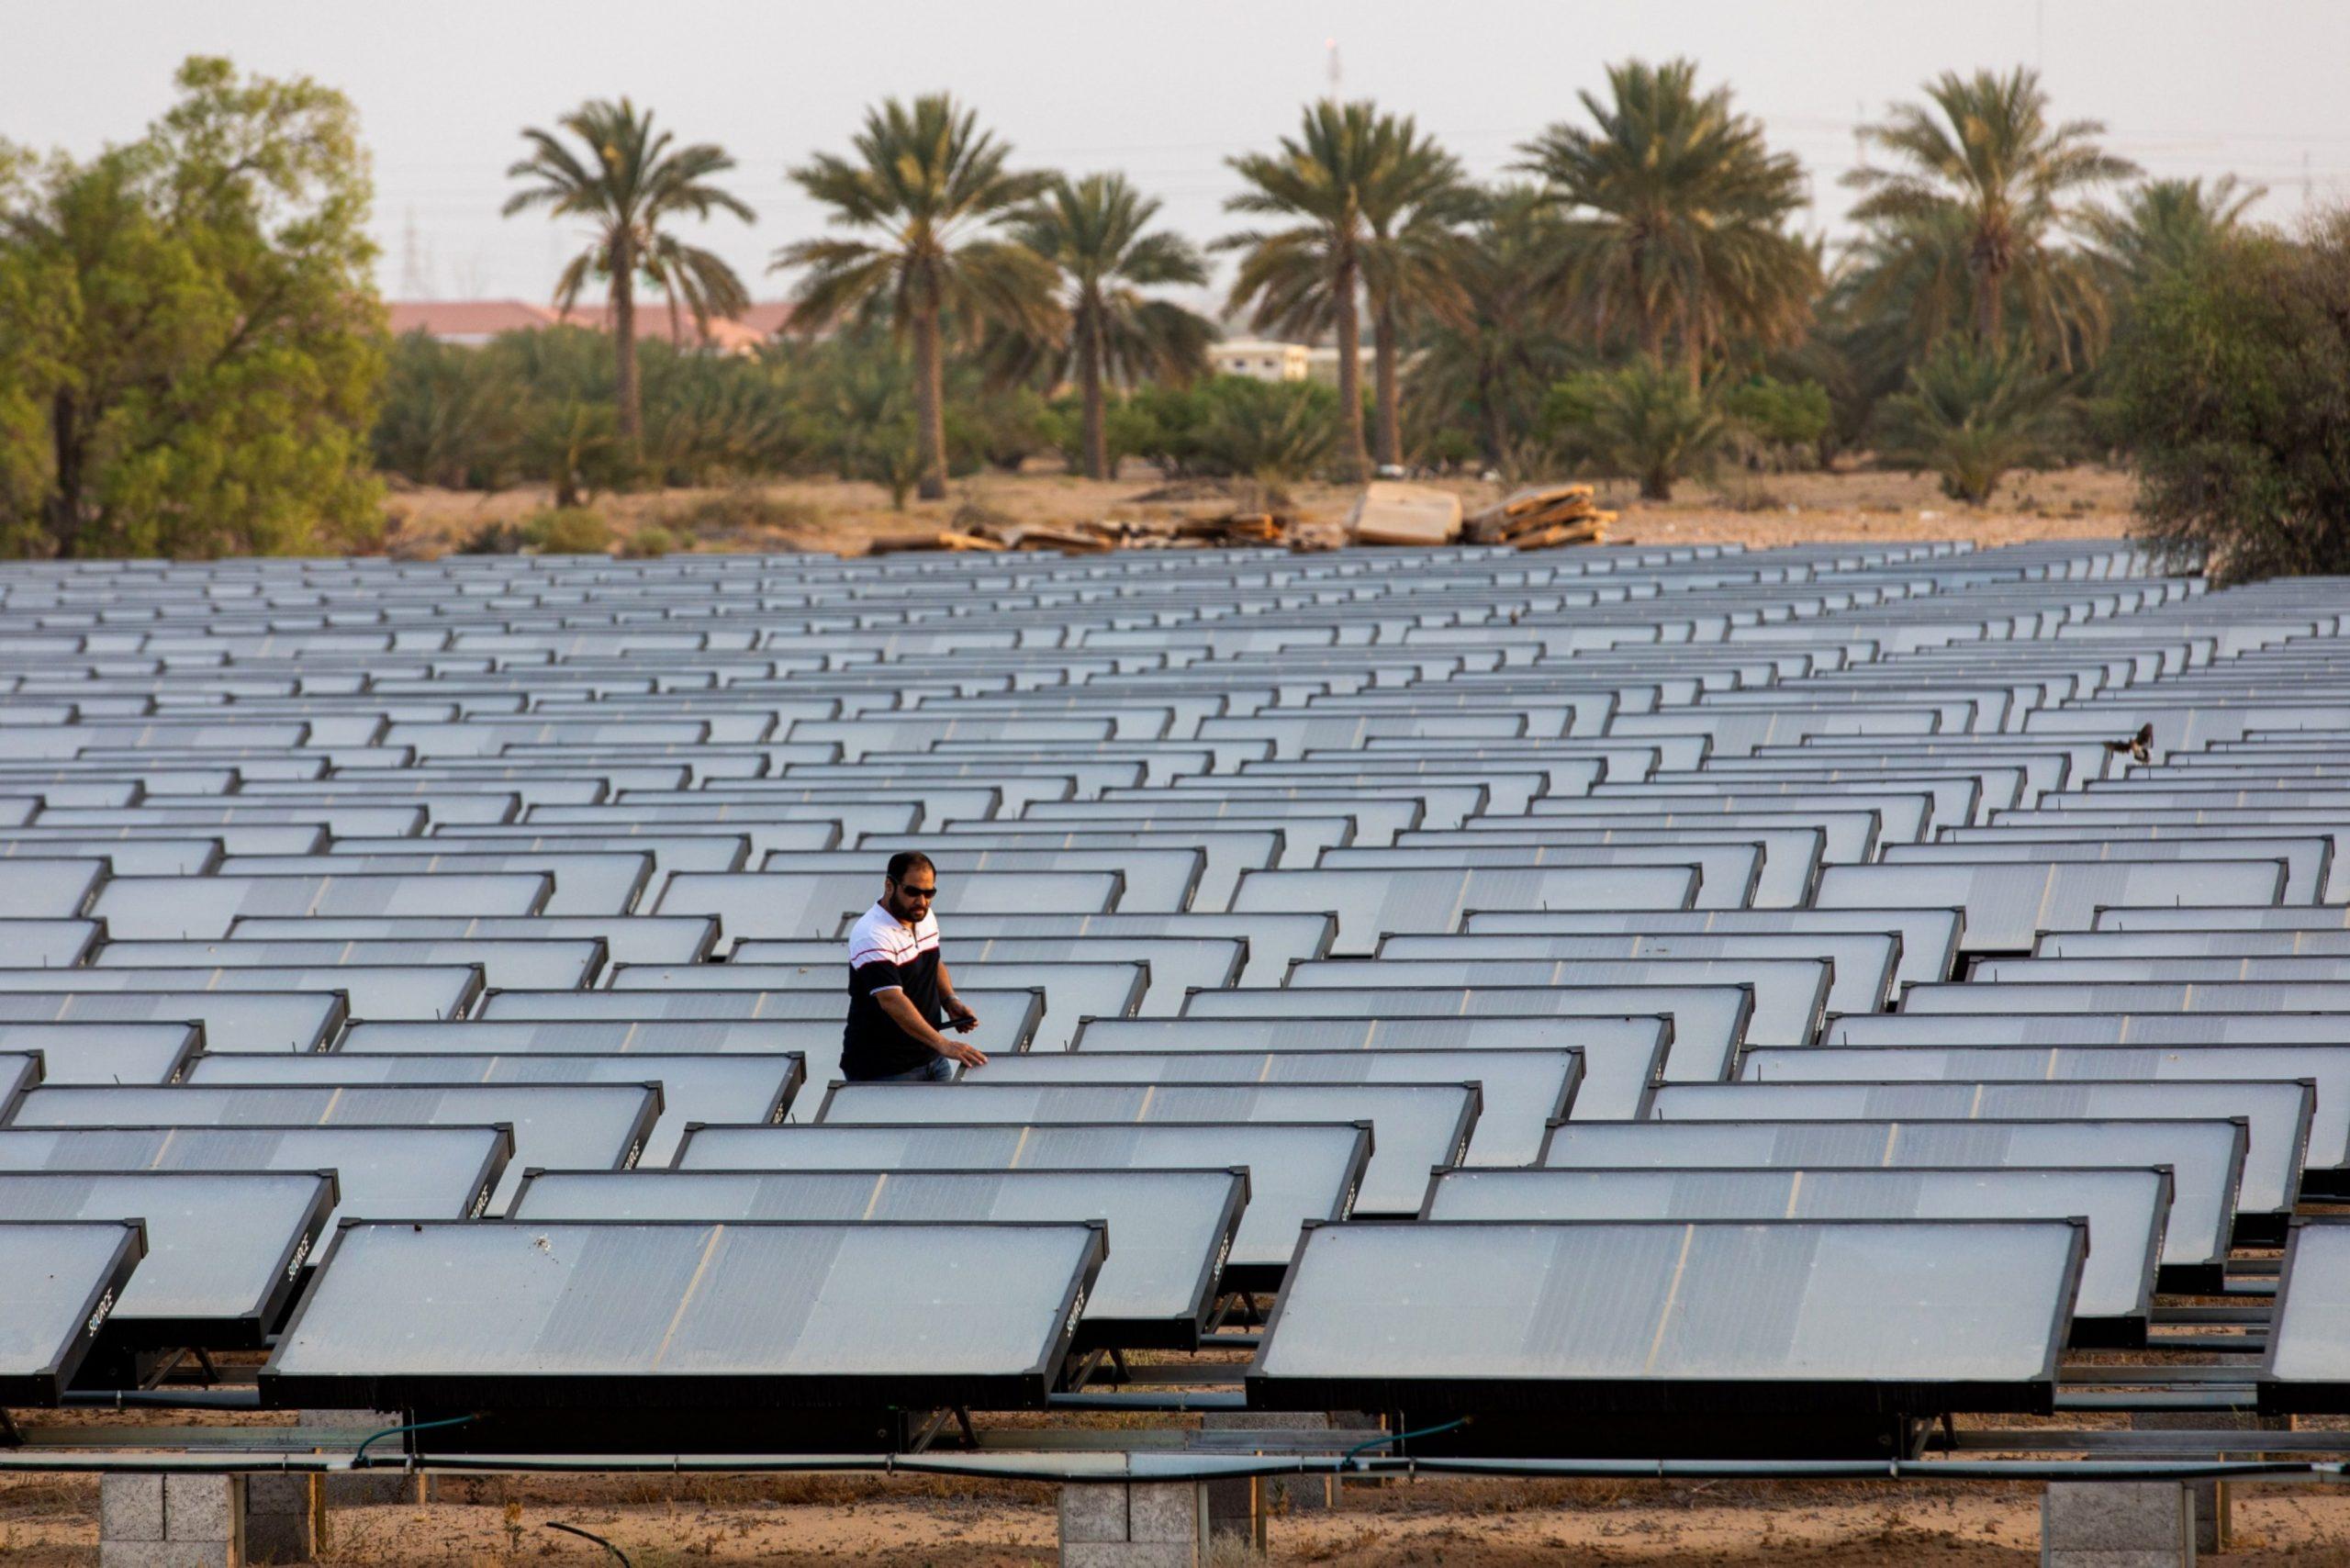 EE.UU: Esta empresa tuvo una gran idea: convertir el aire del desierto de Arabia en agua embotellada (El Financiero)